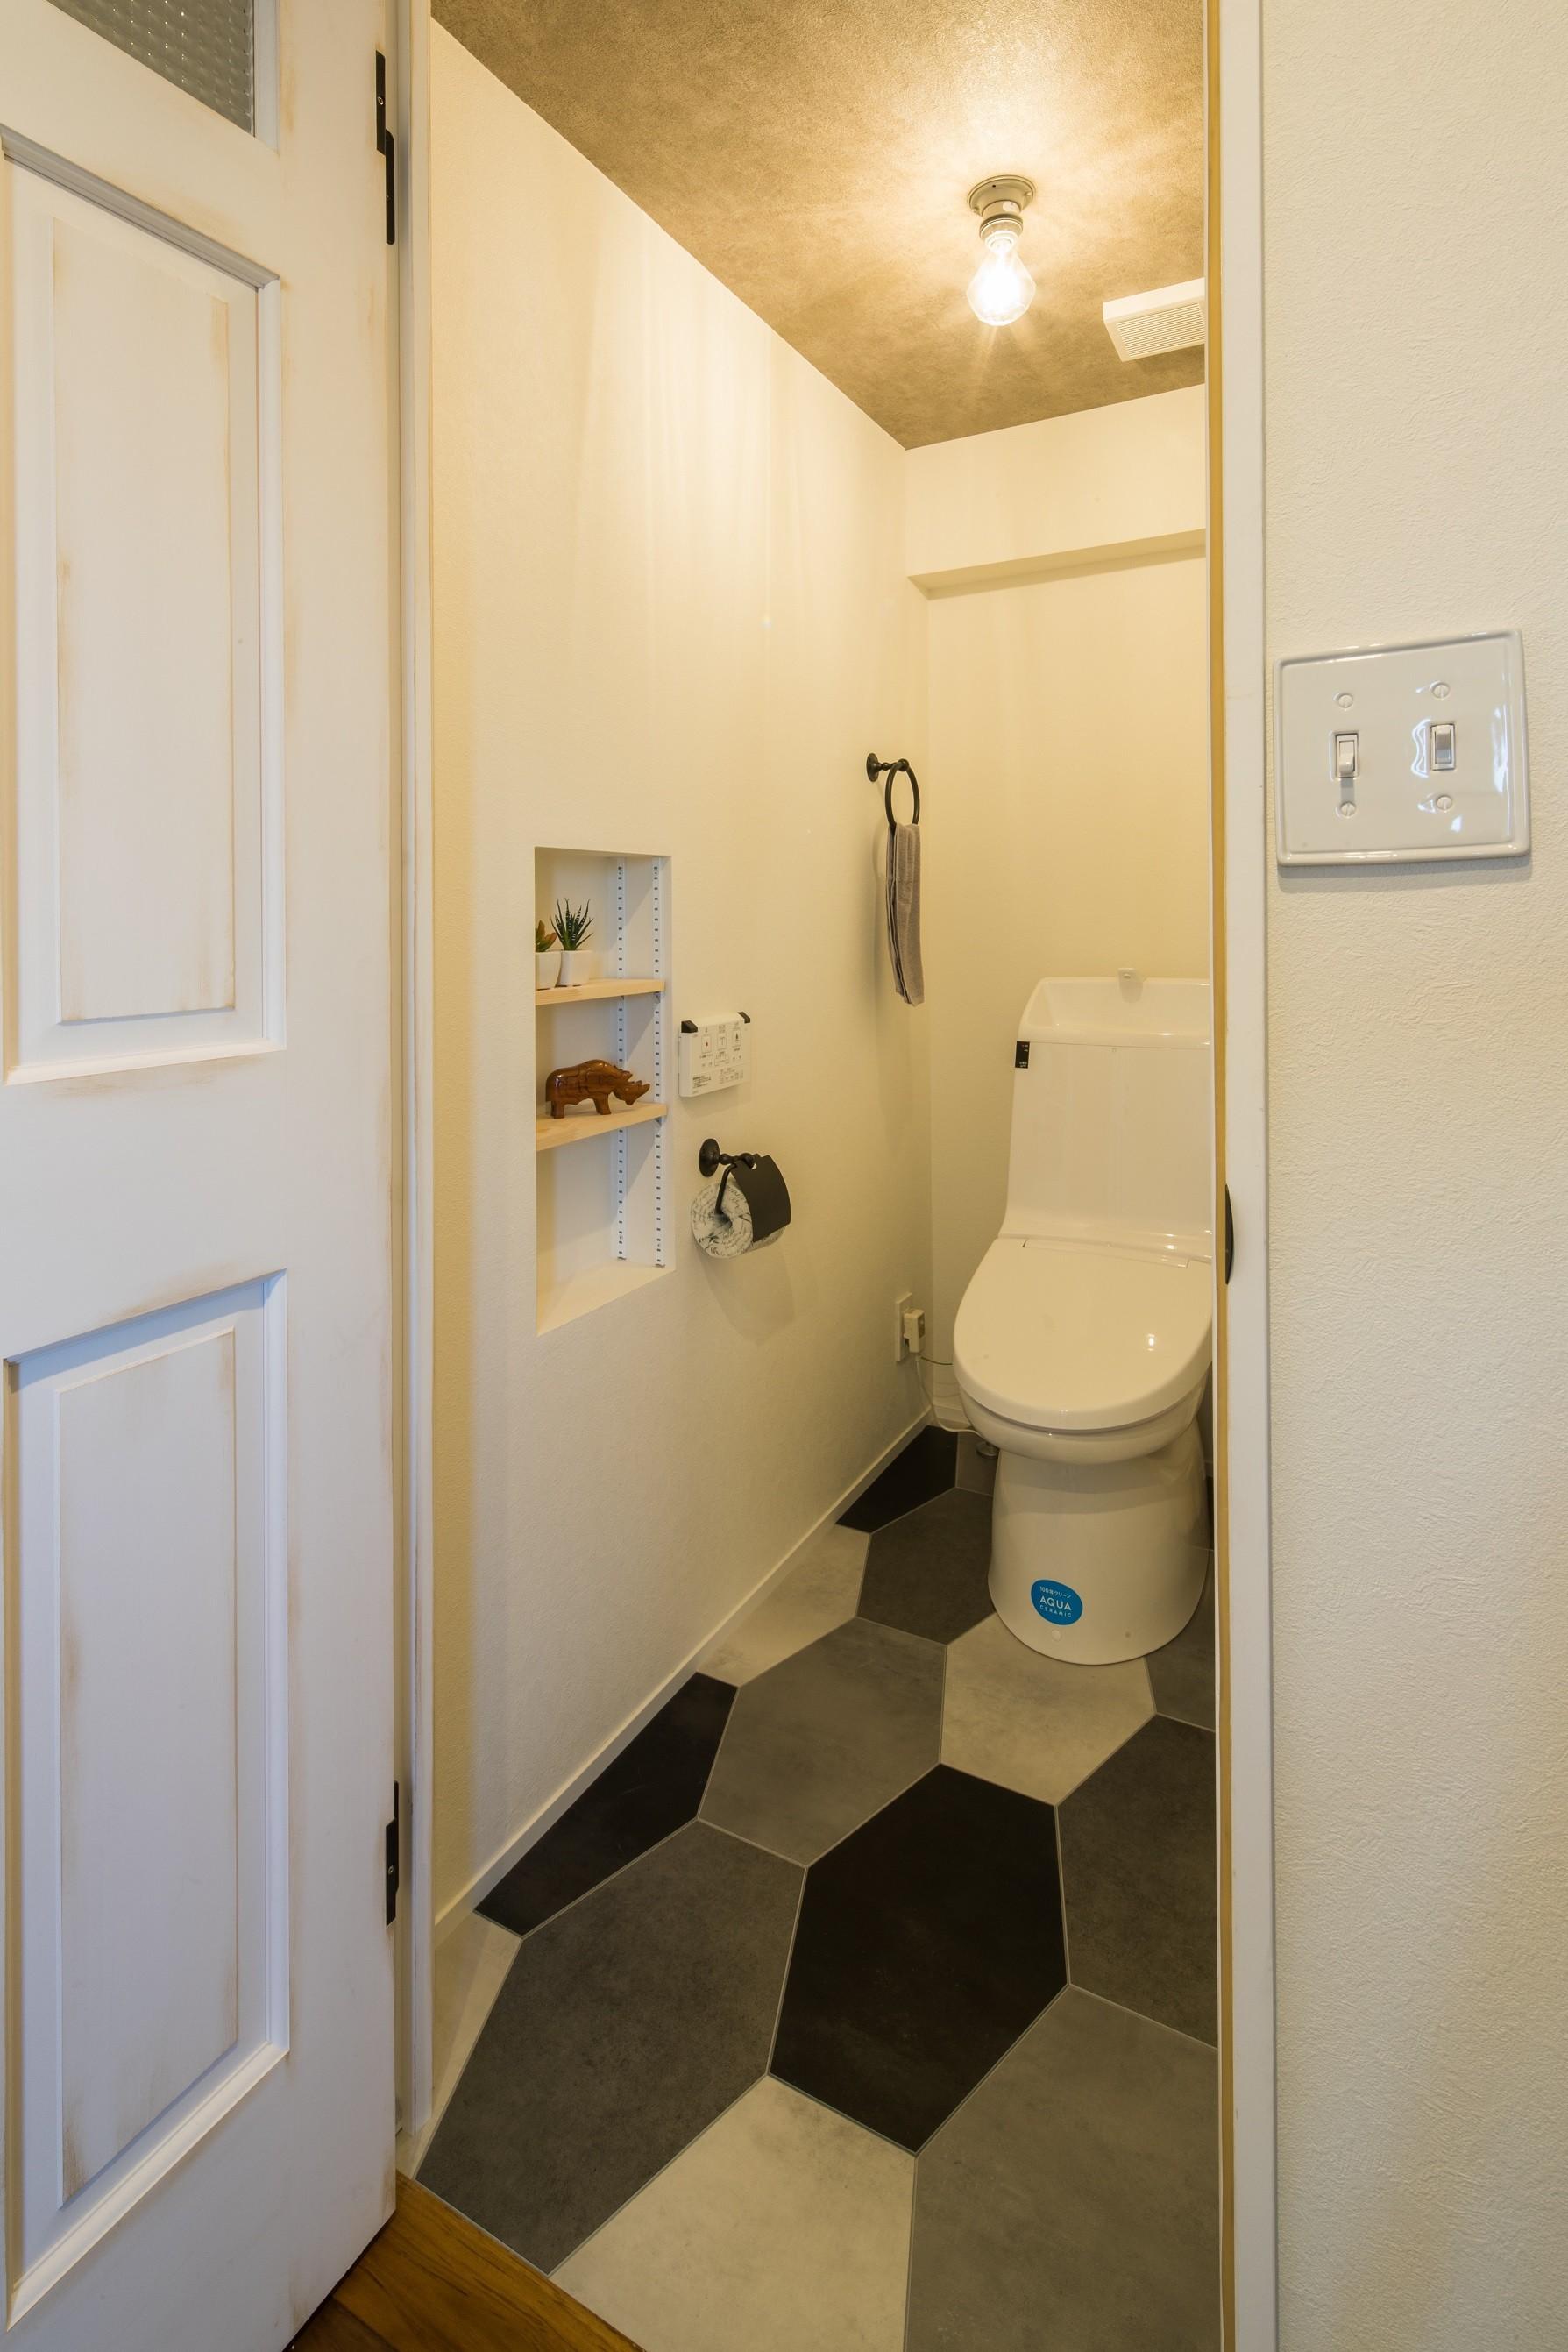 バス/トイレ事例:六角形の床が目を引くトイレ(アウトドアリビングの暮らしを楽しめる家)